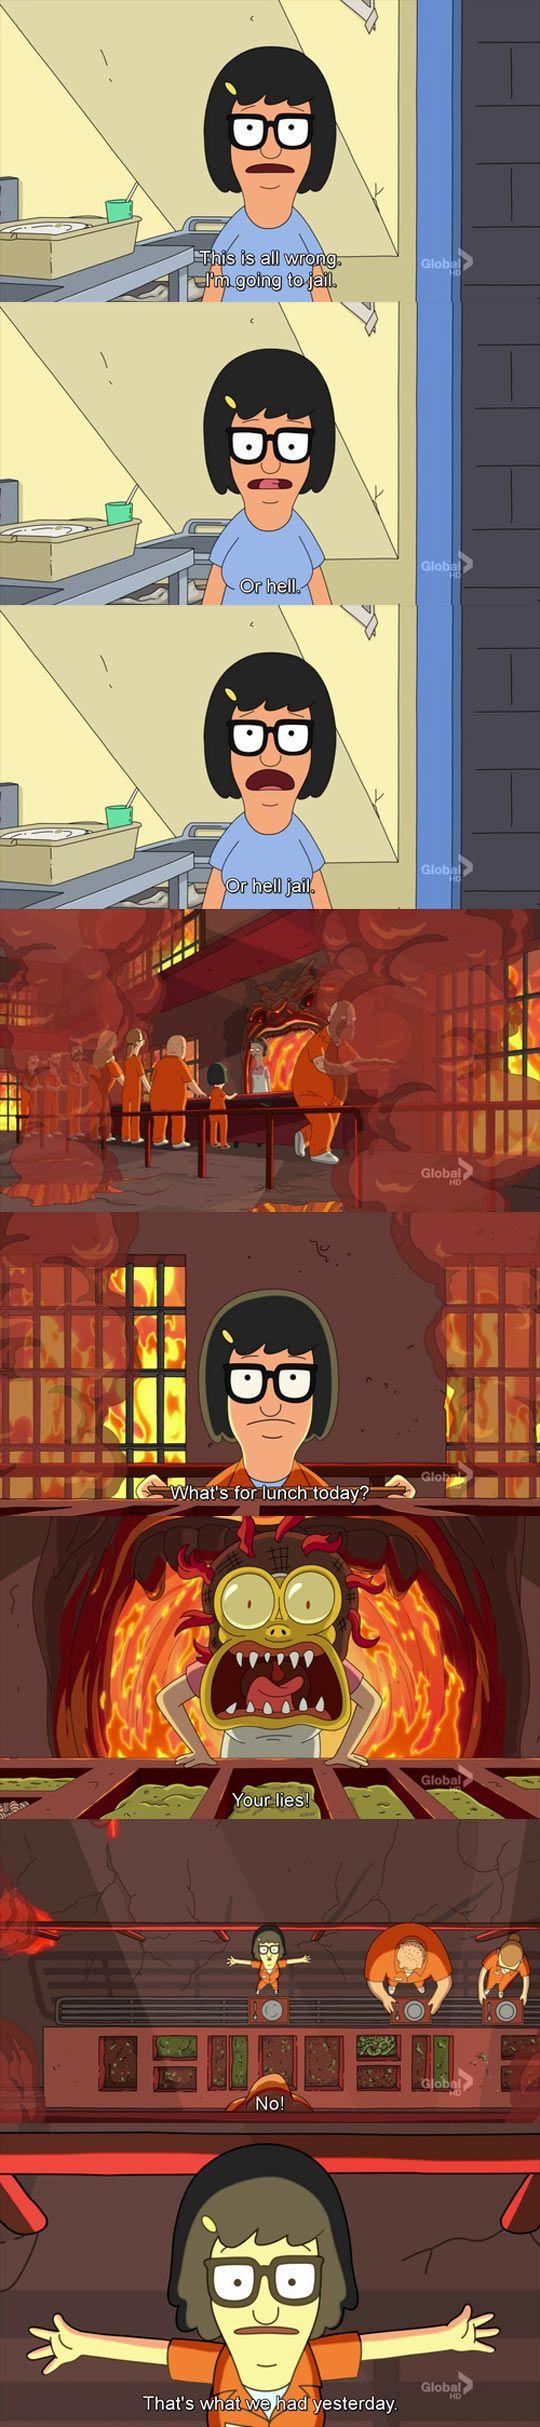 Tina, Tina, Tina! Bob's Burgers